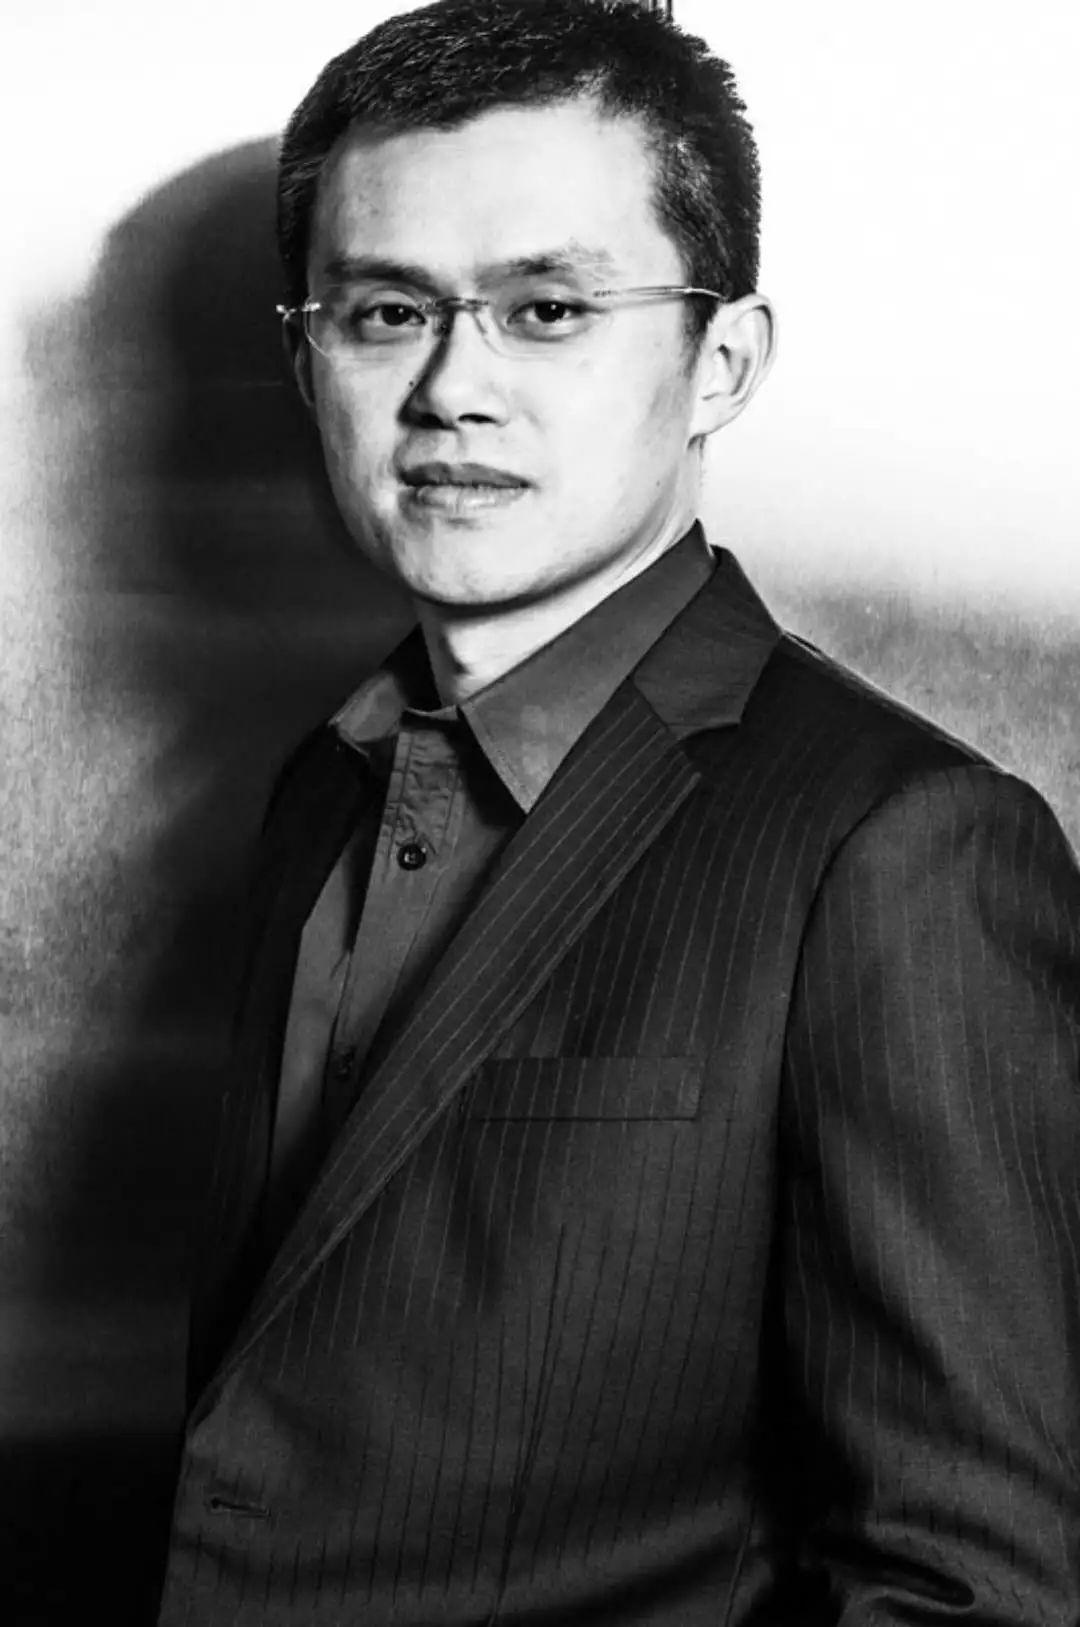 比特币玩到最高境界能赚多少 有个中国小伙攒了125亿的照片 - 8